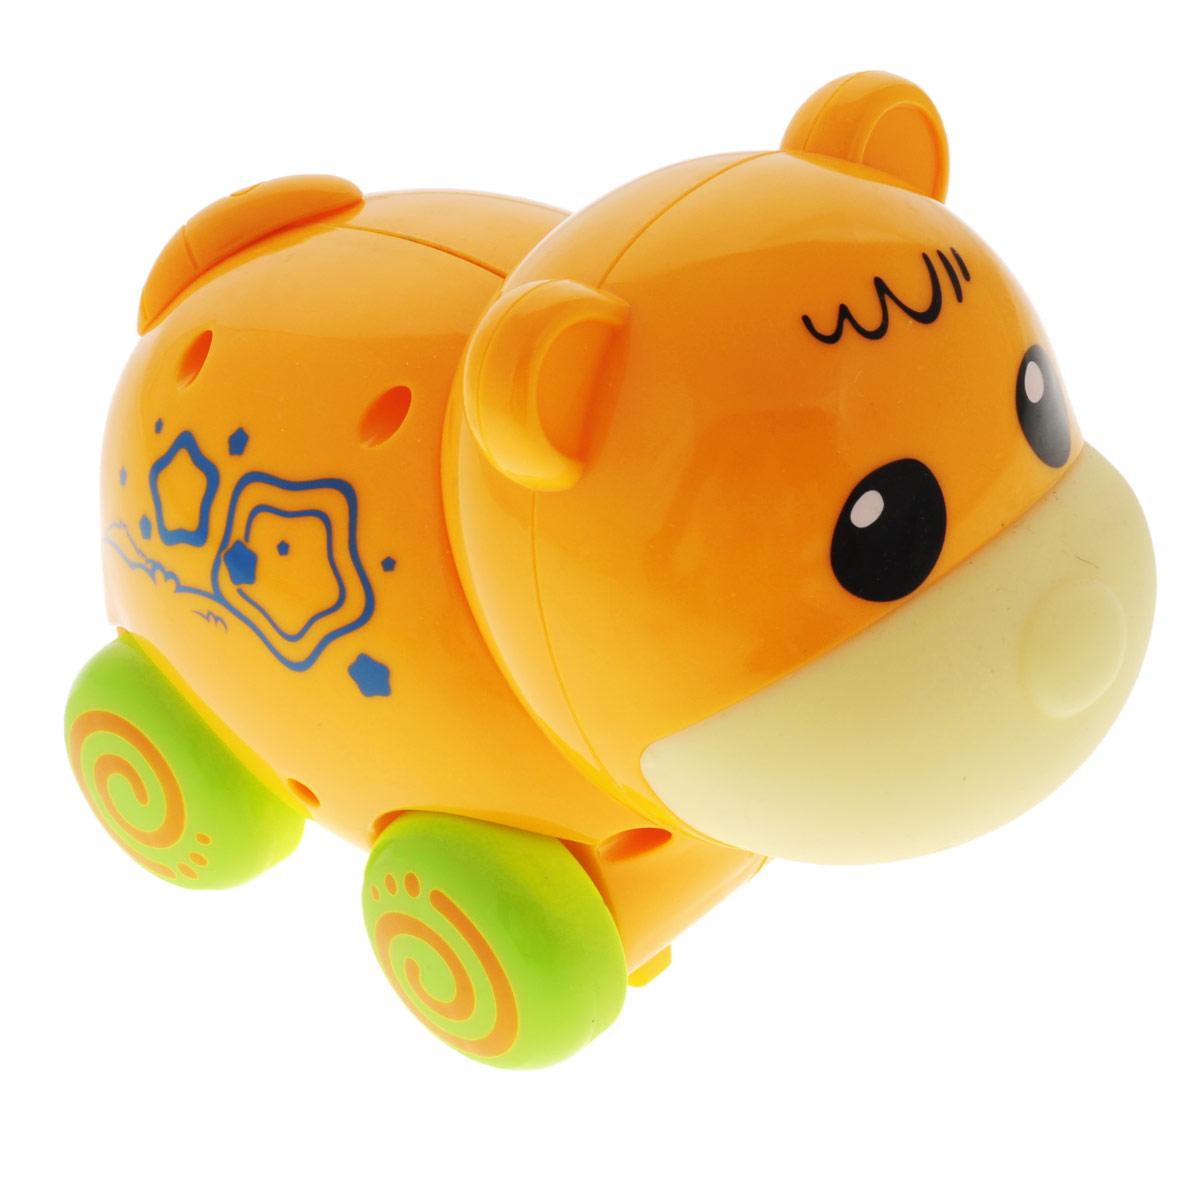 Игрушка Mioshi Active Зверята: Мишка, цвет: оранжевый